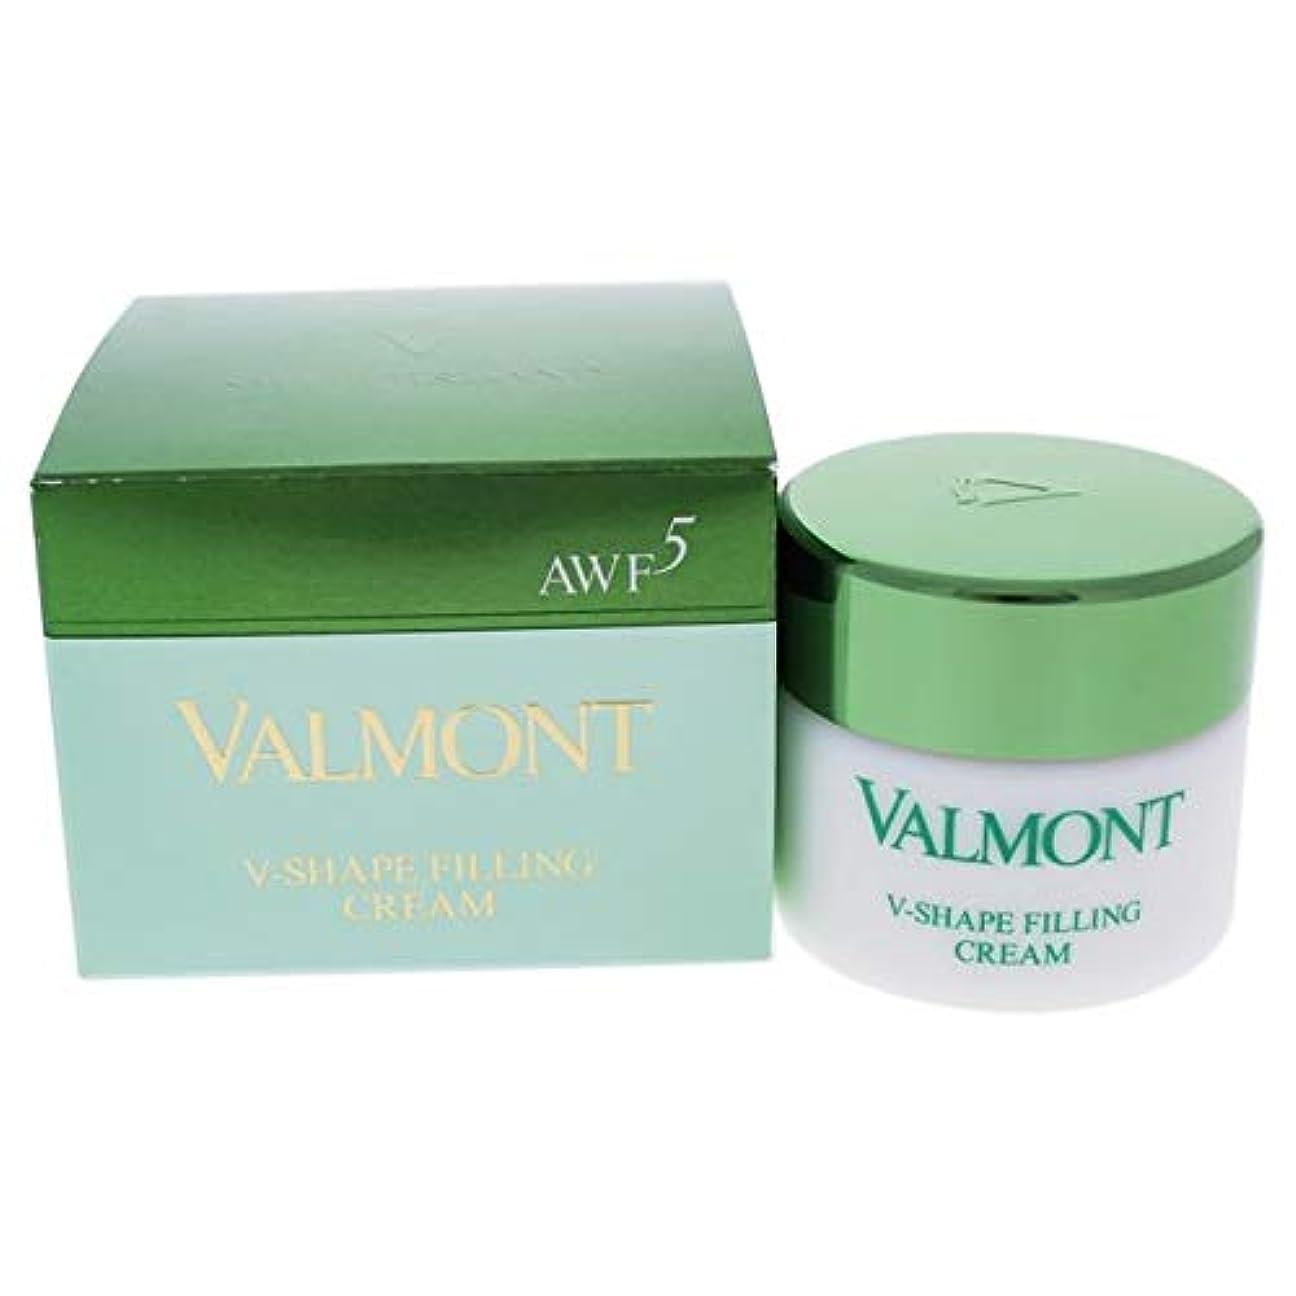 引き金第五マトロンヴァルモン AWF5 V-Shape Filling Cream 50ml/1.7oz並行輸入品